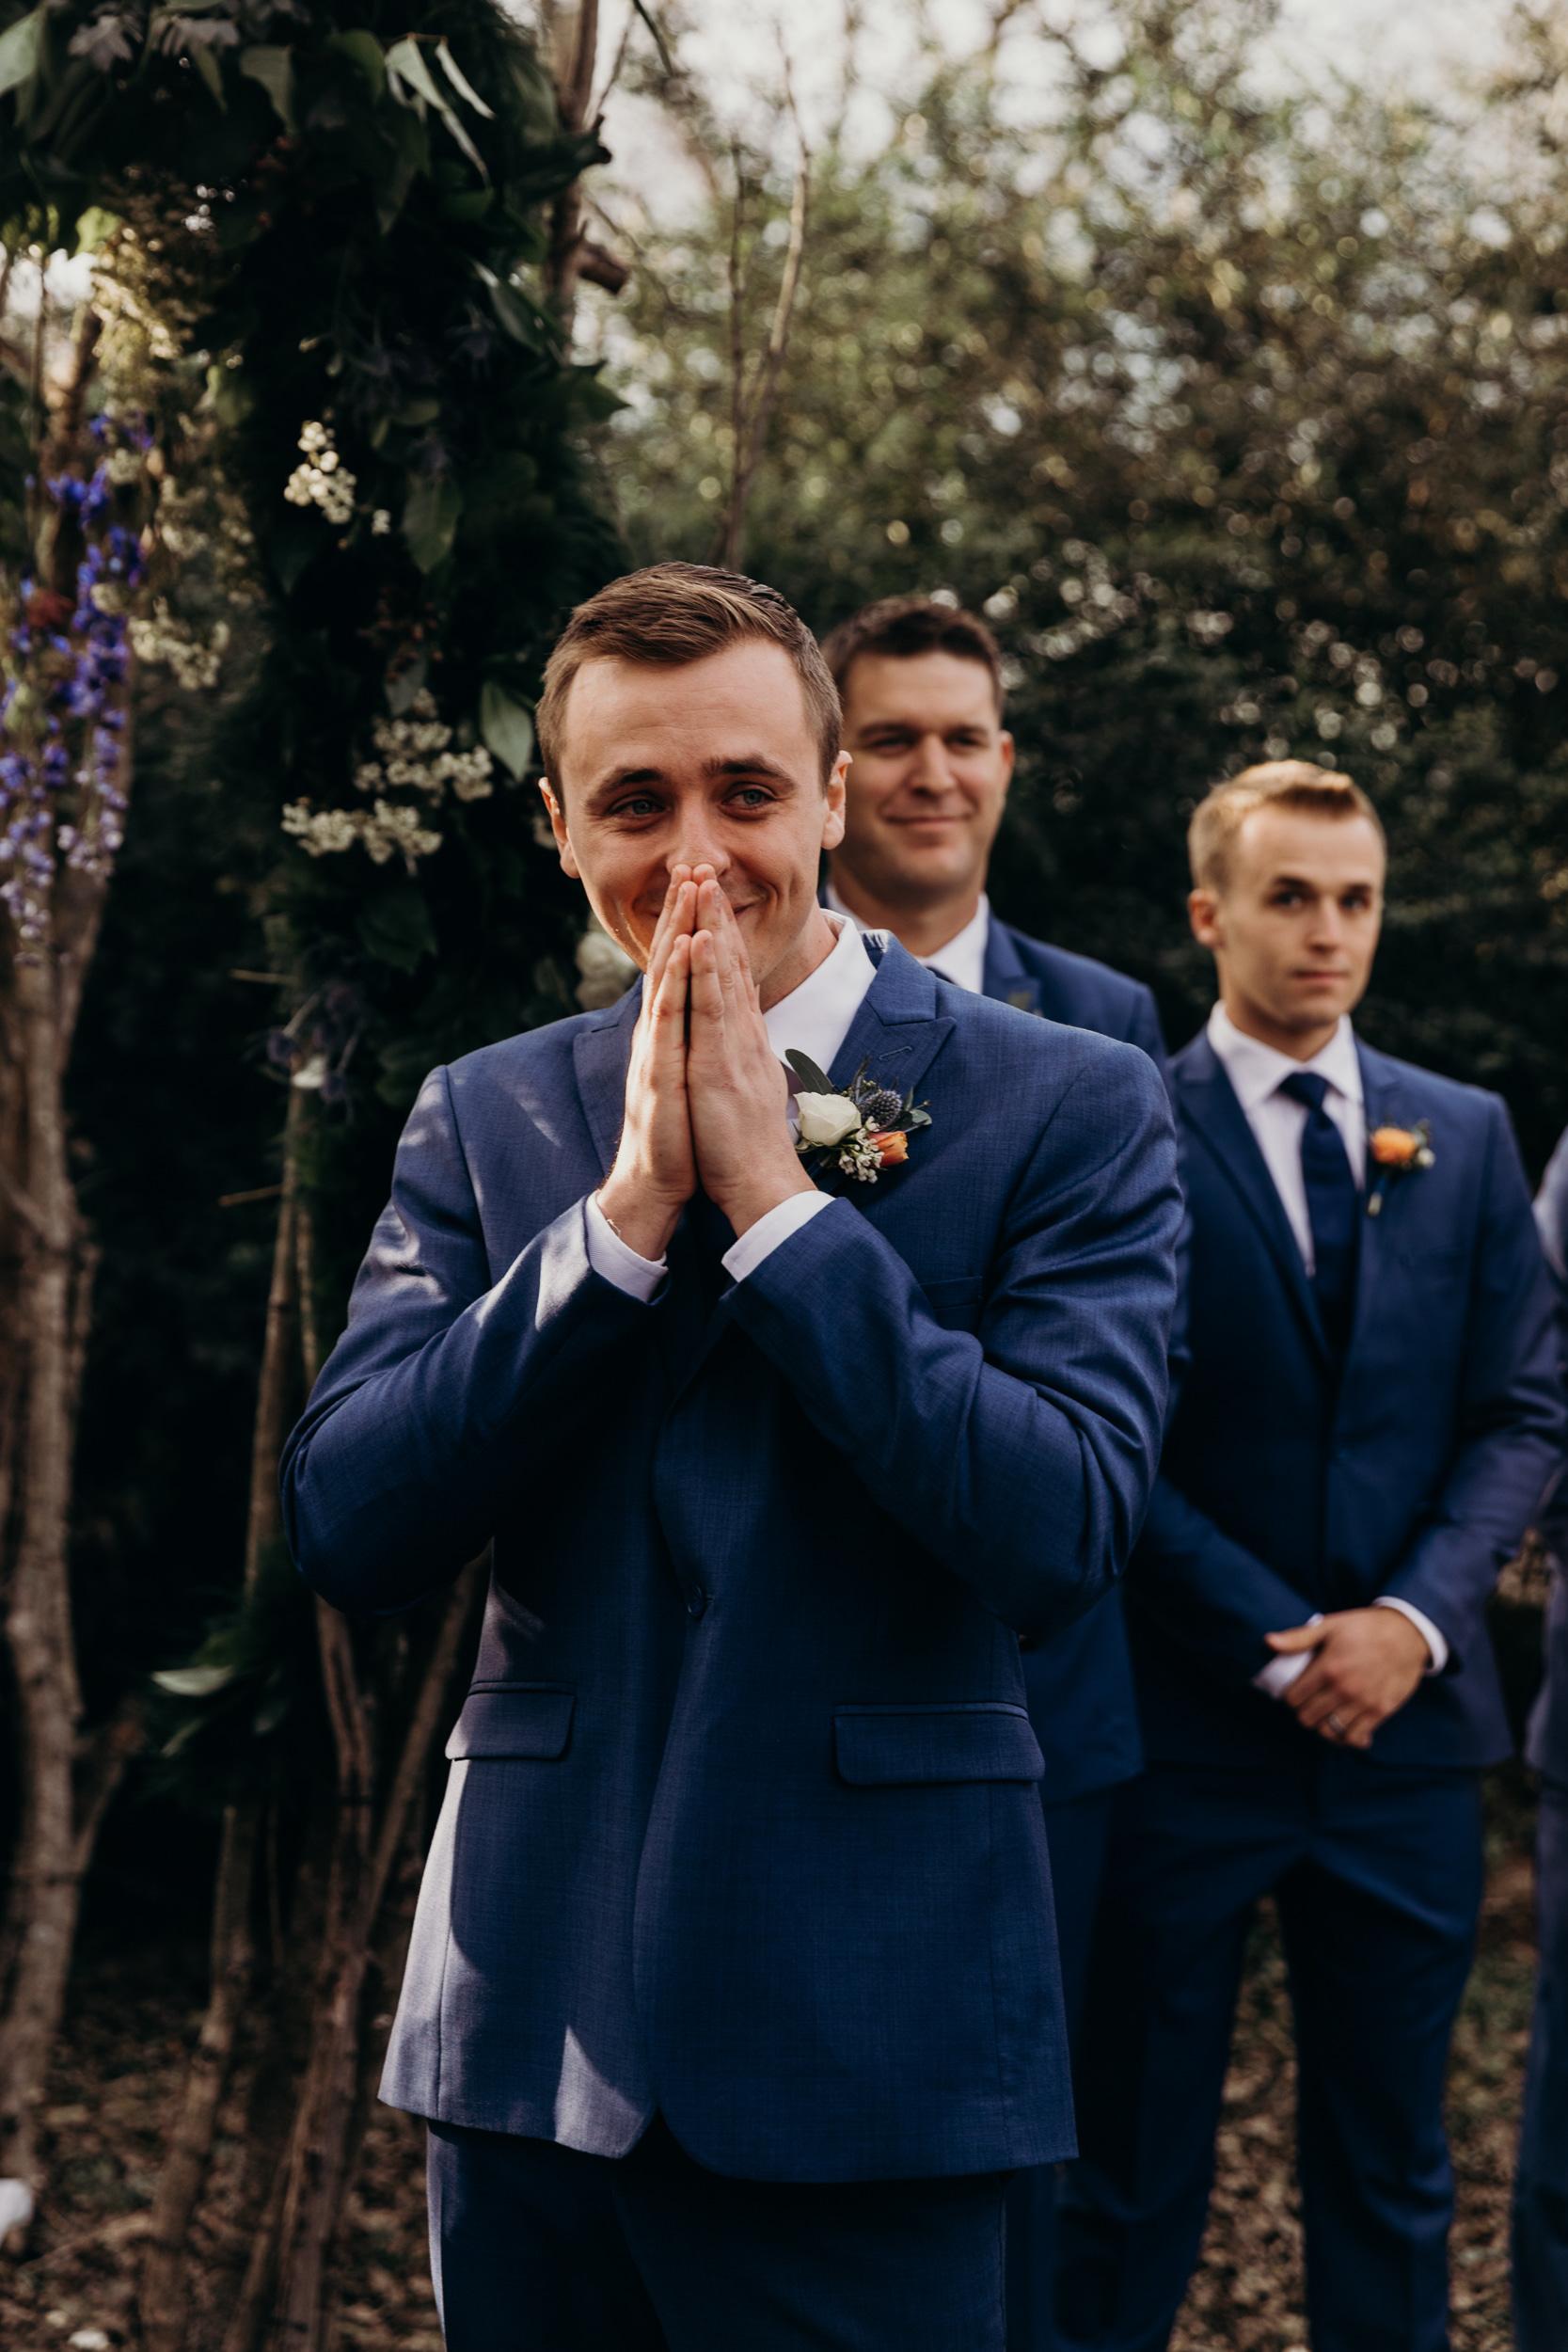 461-ltw-morgan-adam-wedding.jpg